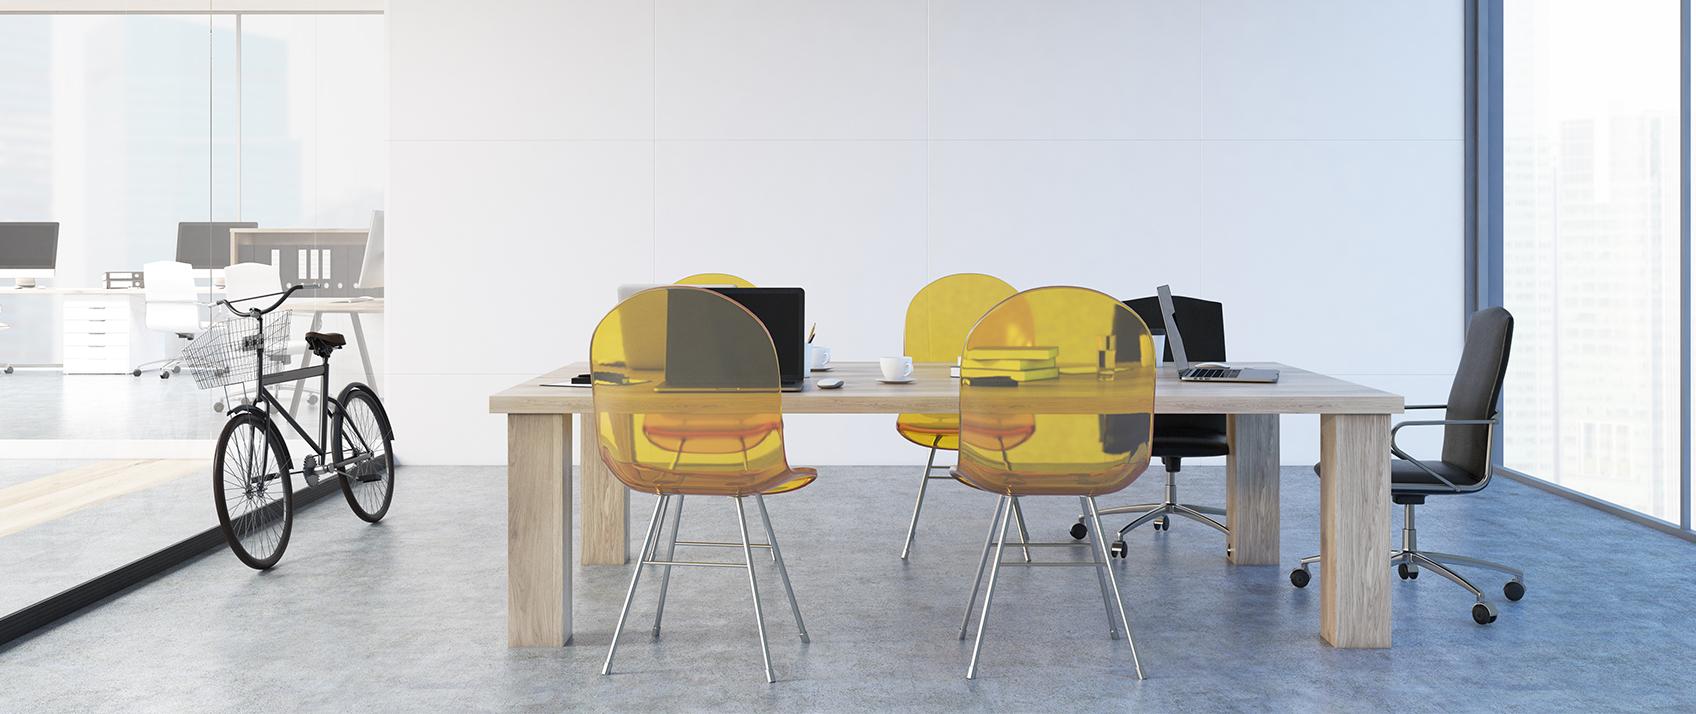 Locaux bureaux : anticipez vos besoins techniques et d'aménagement